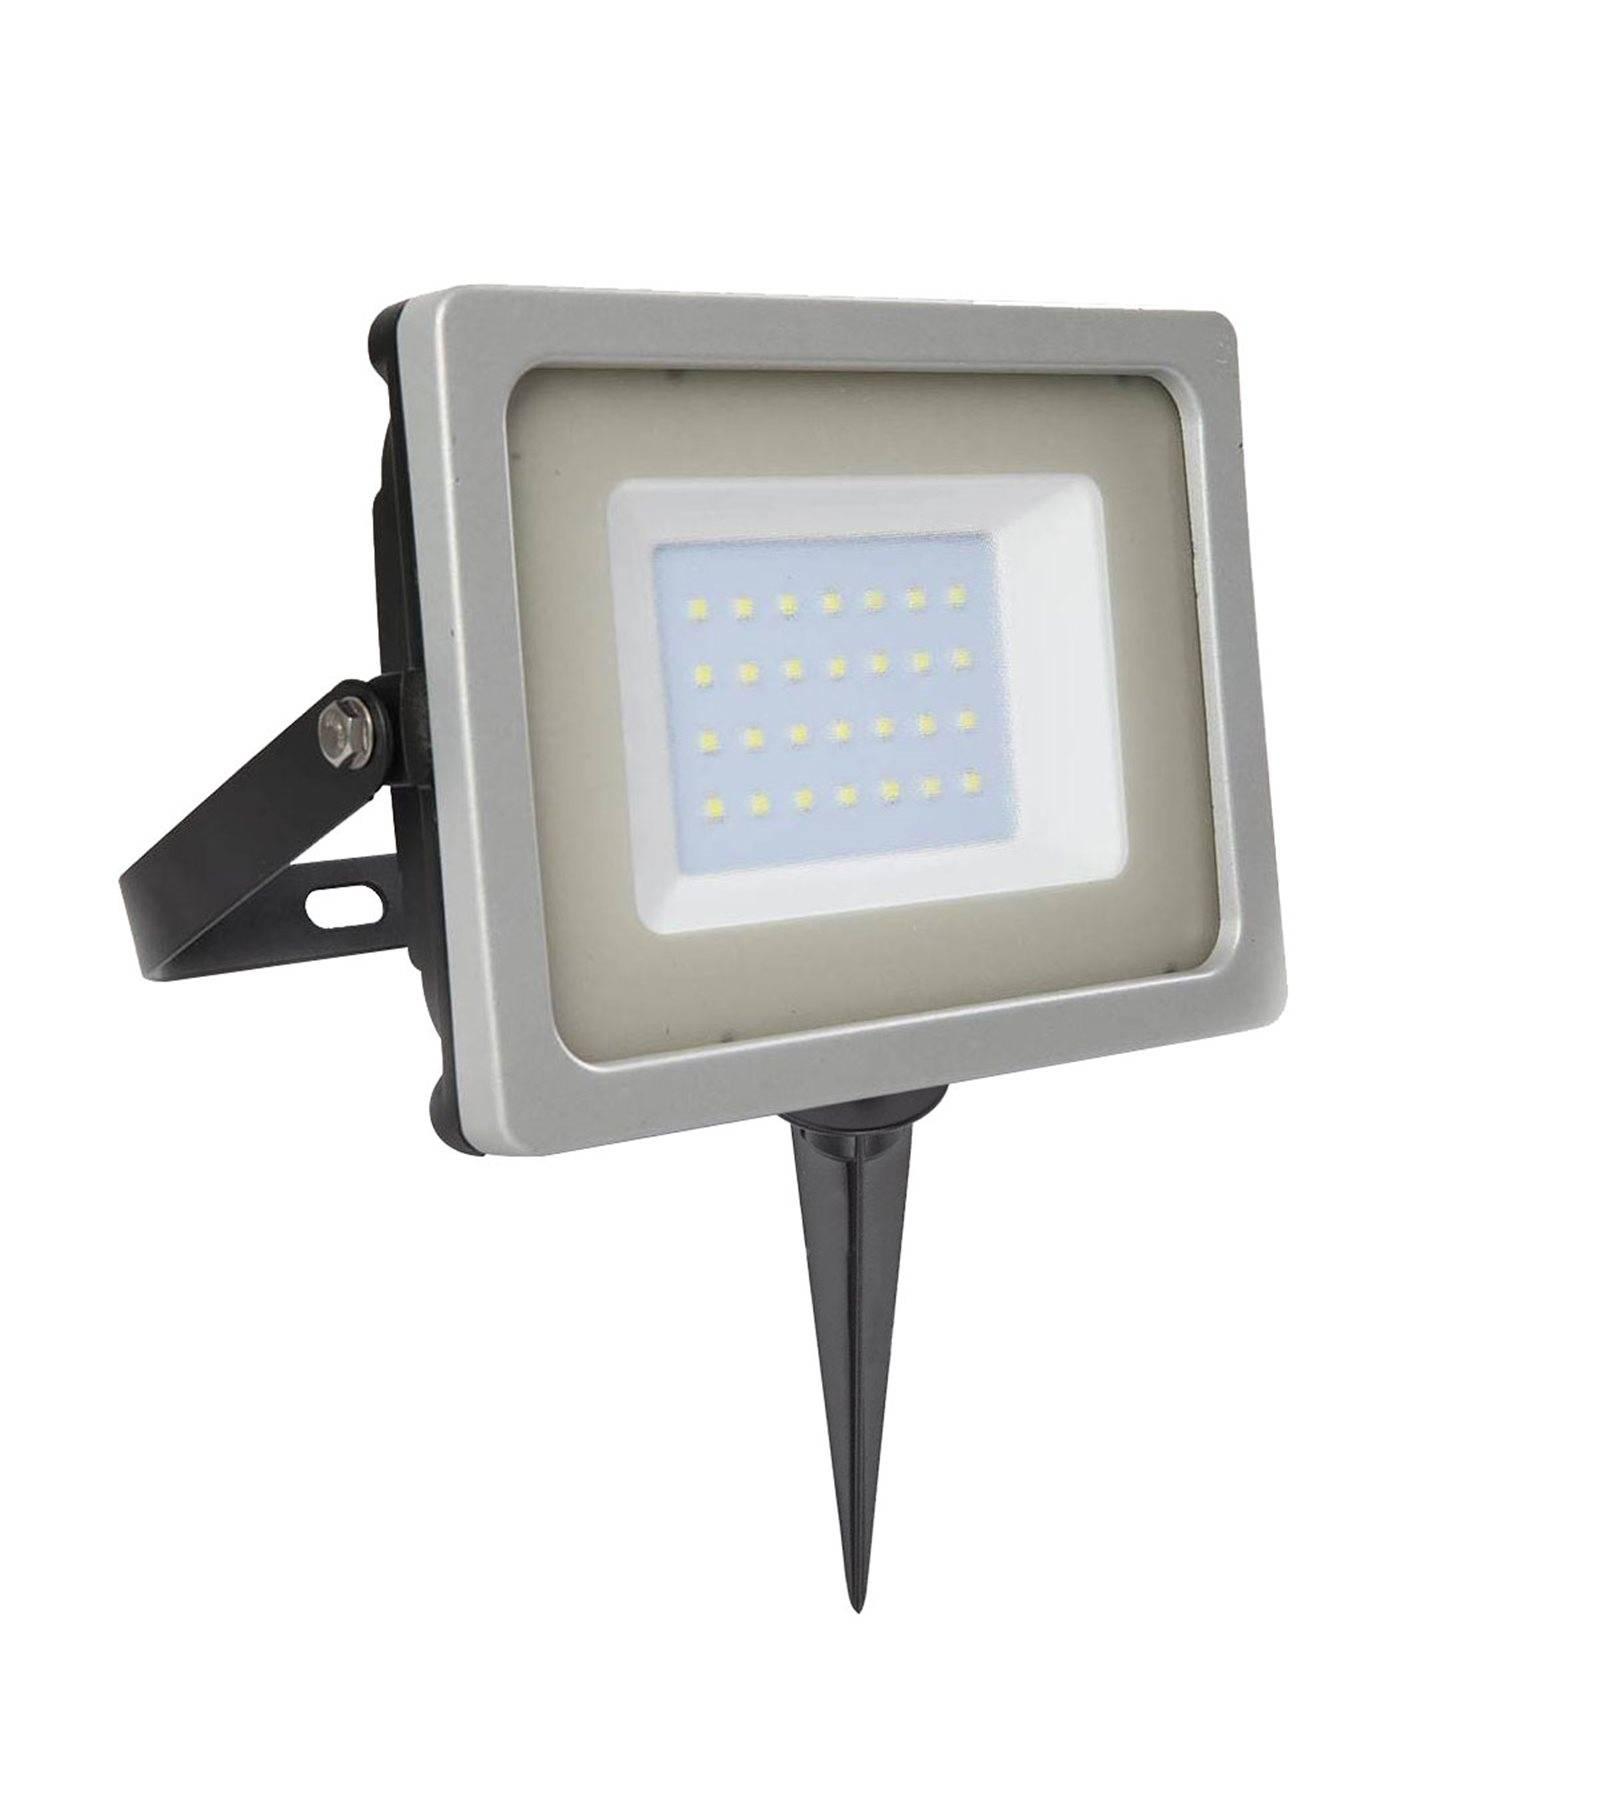 V-TAC Pack projecteur LED SMD 30W rendu 150W Blanc froid 6000K+ Support à piquer Noir V-TAC